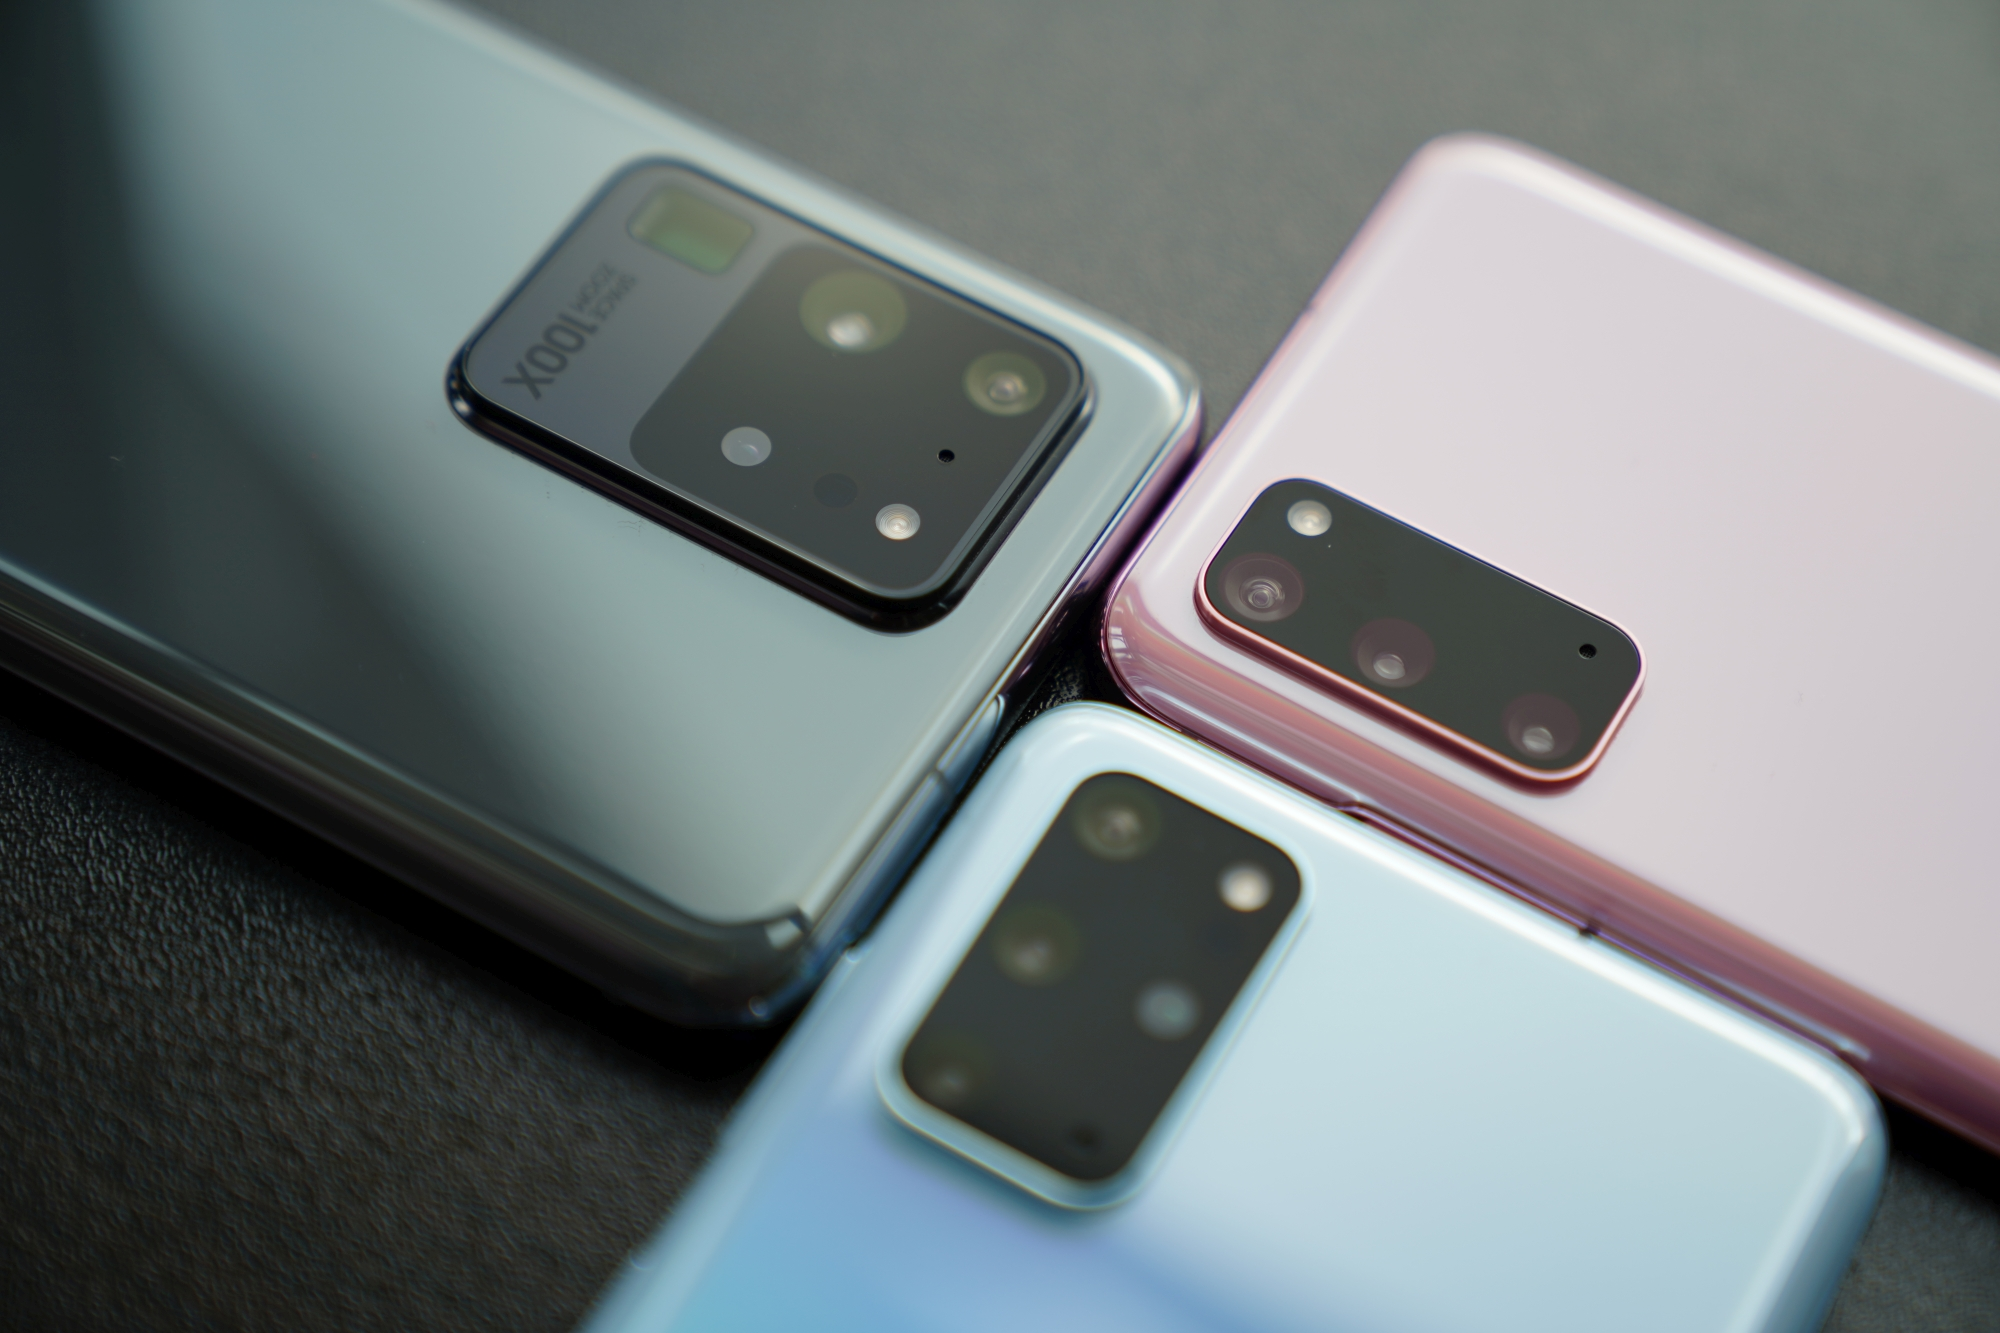 W Polsce wystartowała sprzedaż Samsungów z serii Galaxy S20! 20